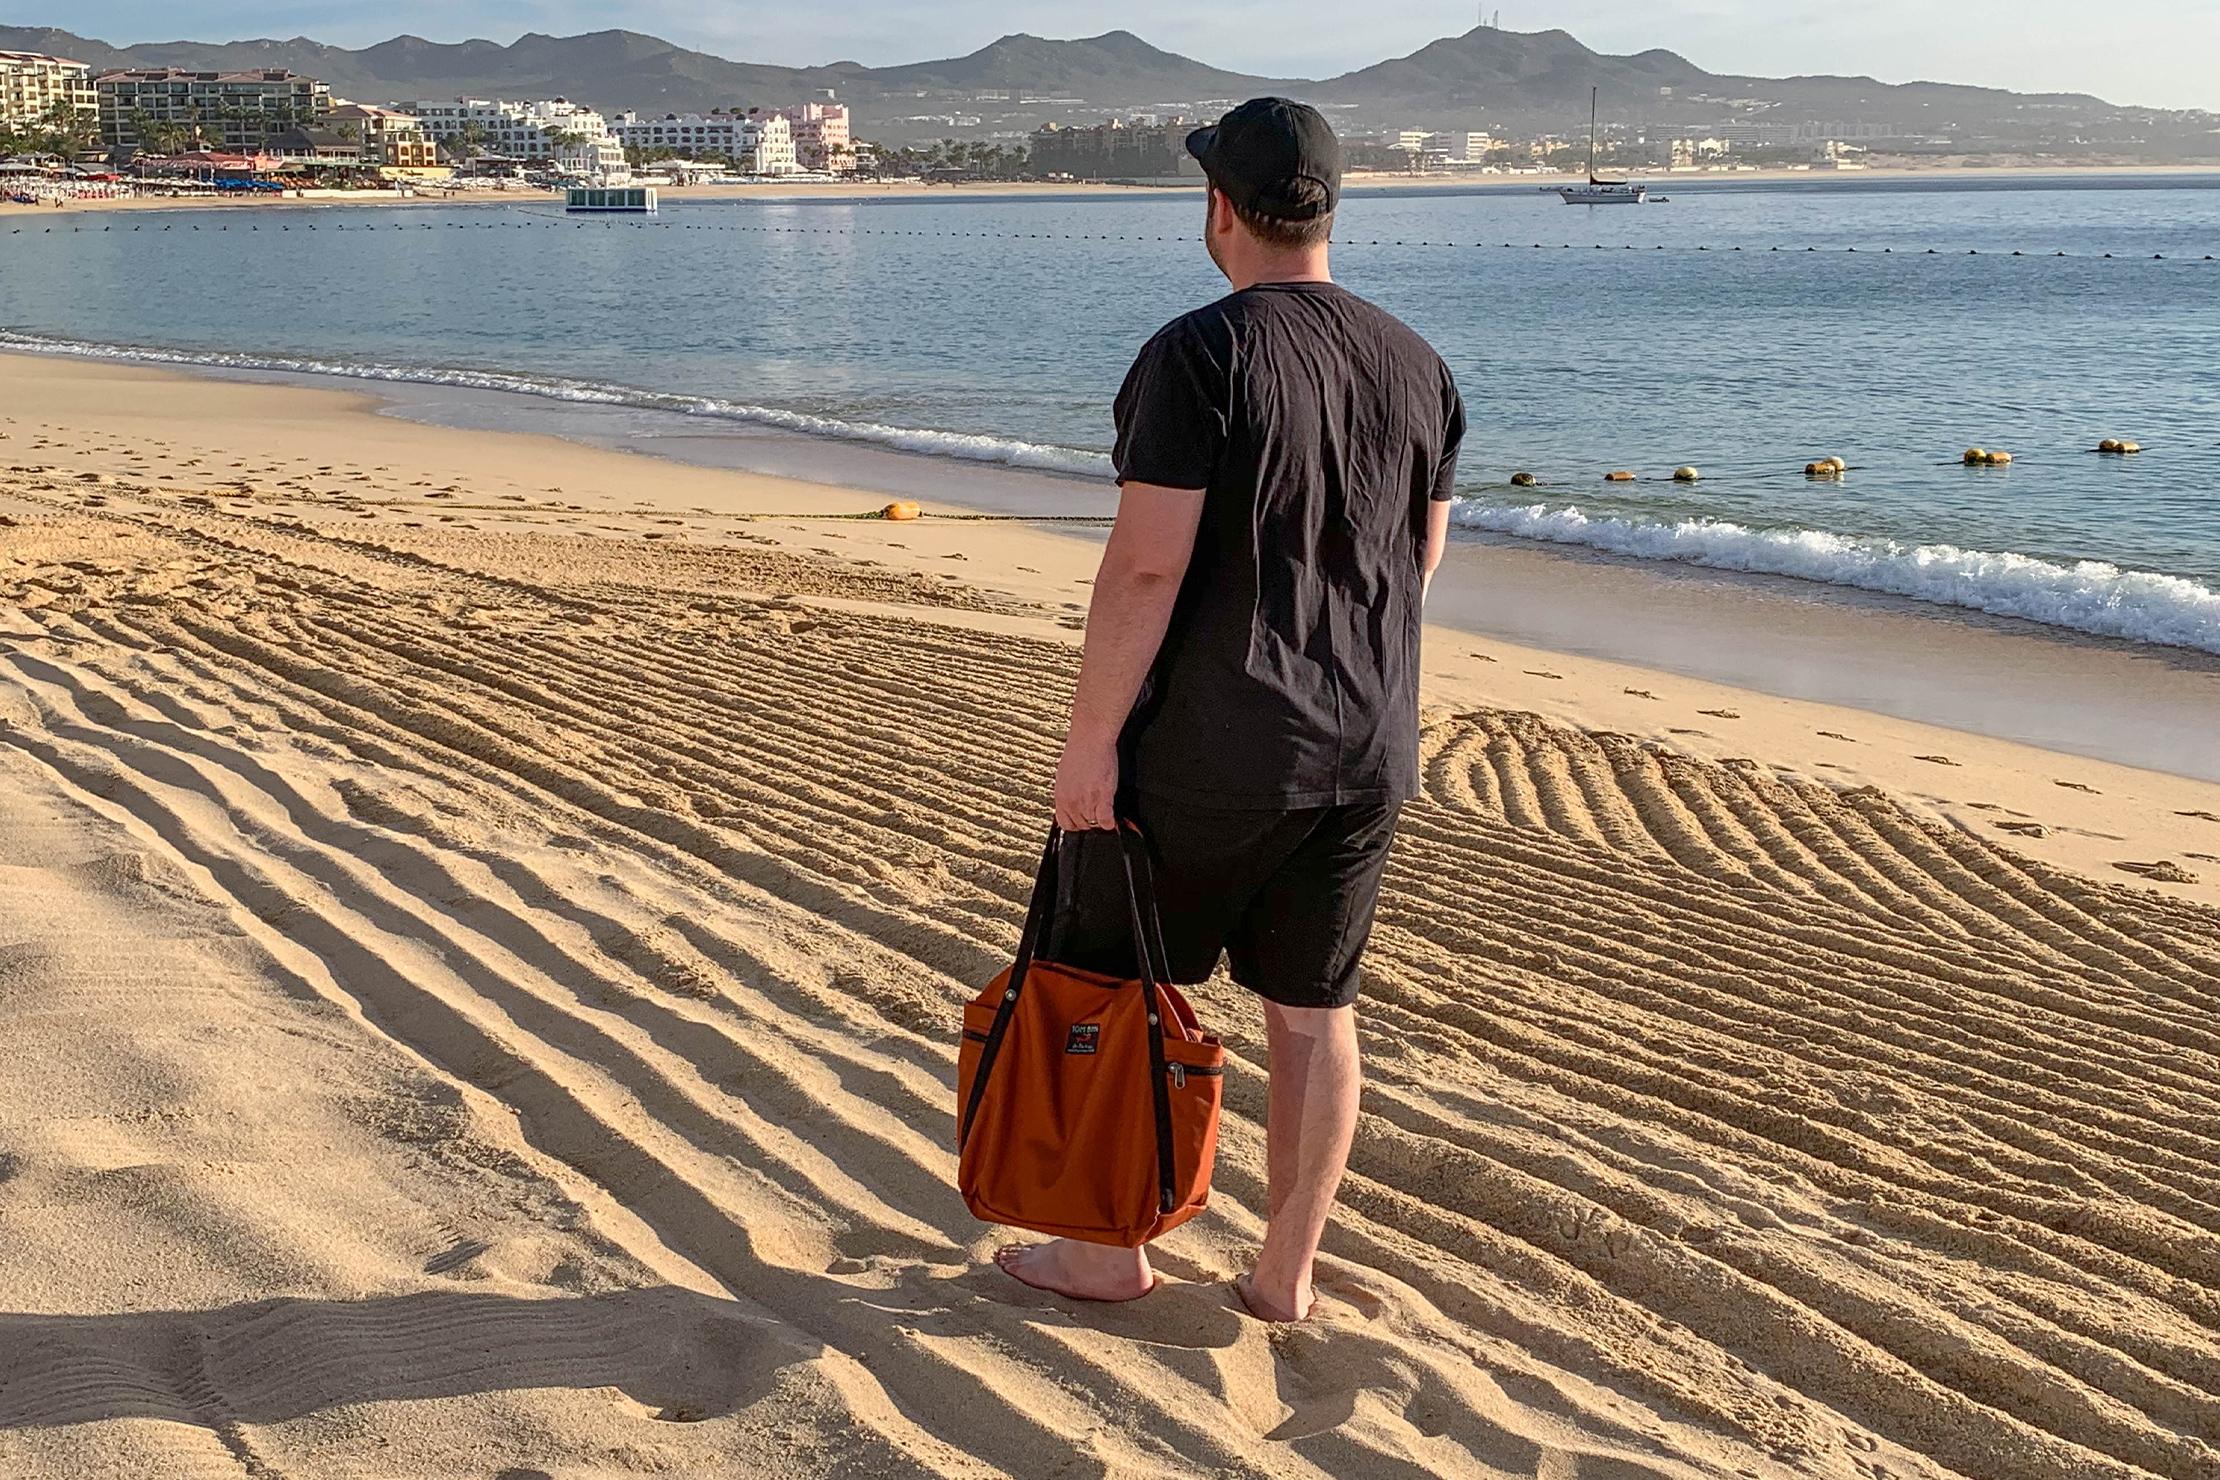 Tom Bihn Pop Tote In Cabo San Lucas